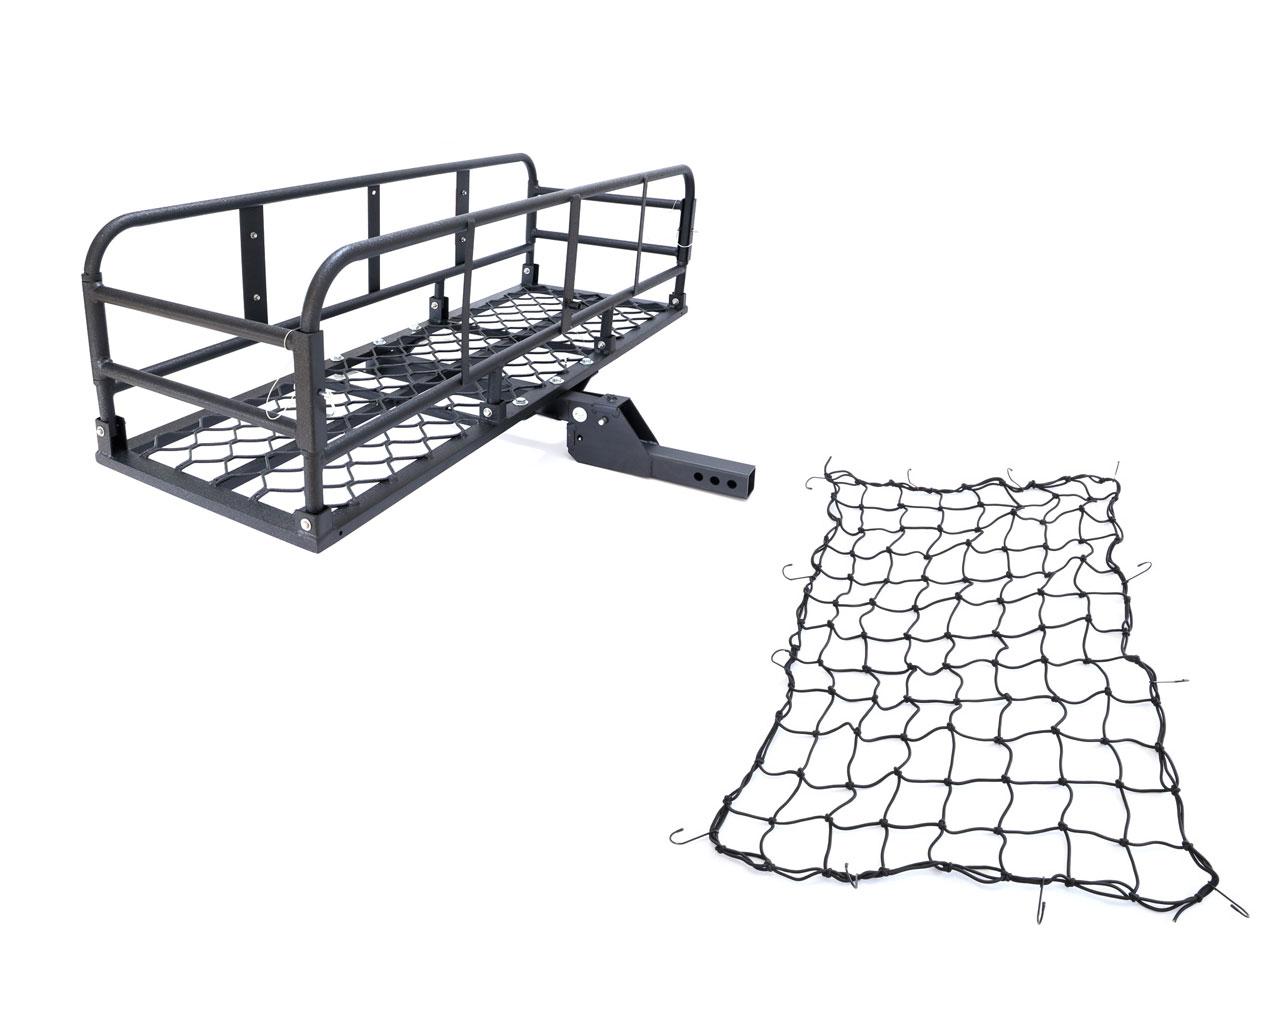 アルミ製 ブラック 折り畳み式ヒッチキャリアカーゴネット付き 軽量 C06 1500x500 組立 動画あり